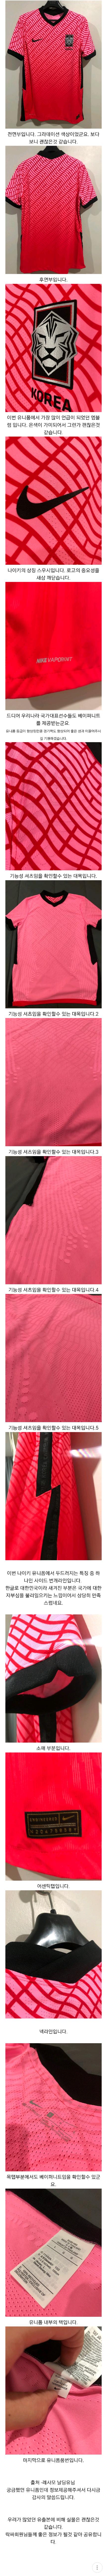 PicsArt_02-07-12.35.43.png 현재 실물평이 굉장히 좋은 국대 유니폼 .jpg